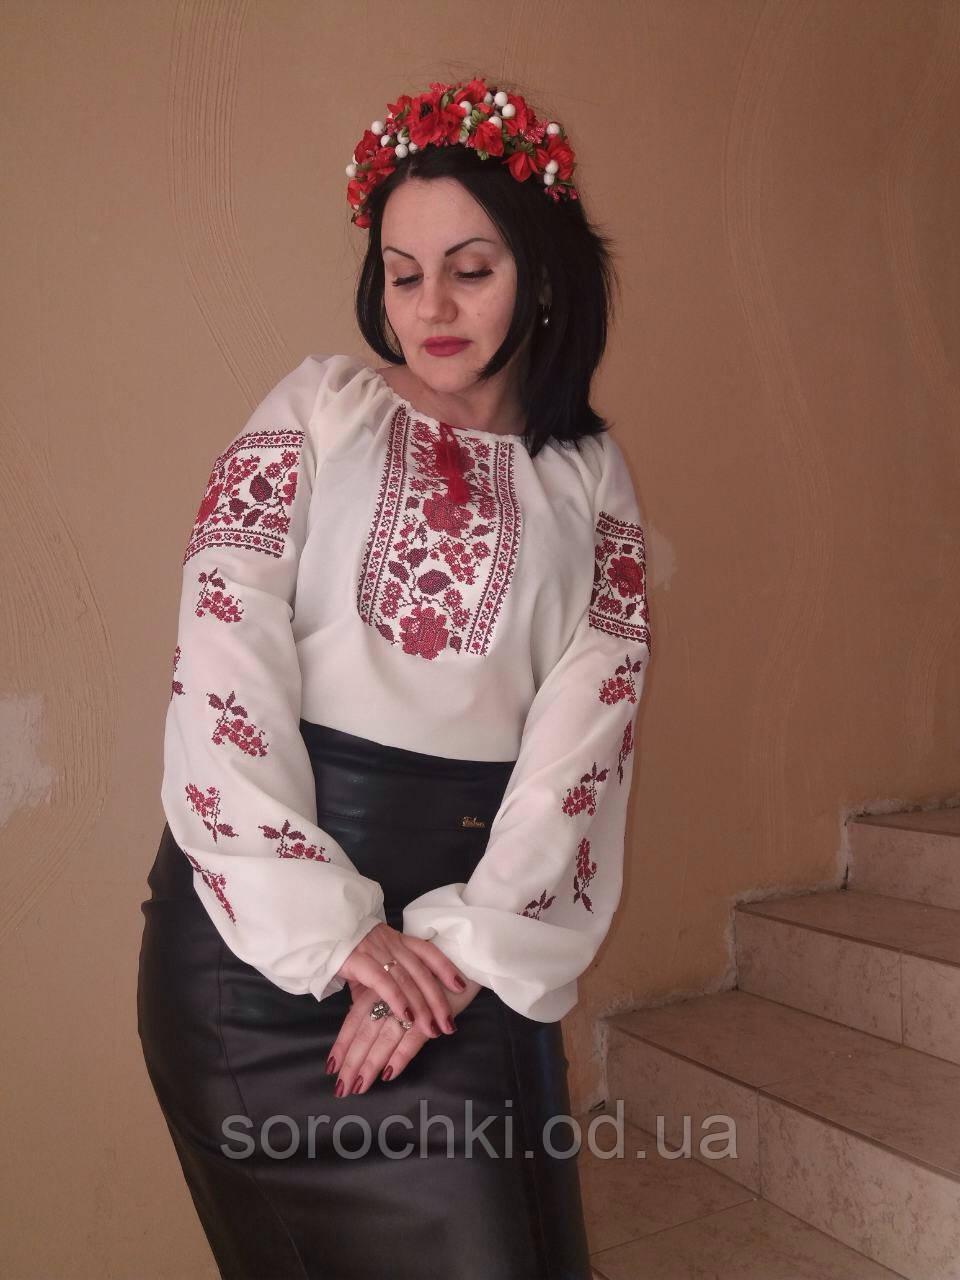 """Вышиванка белая , женская , вышивка, цветы ,  """"маки с виноградом"""" цвет вышивки красный Материал-шифон"""